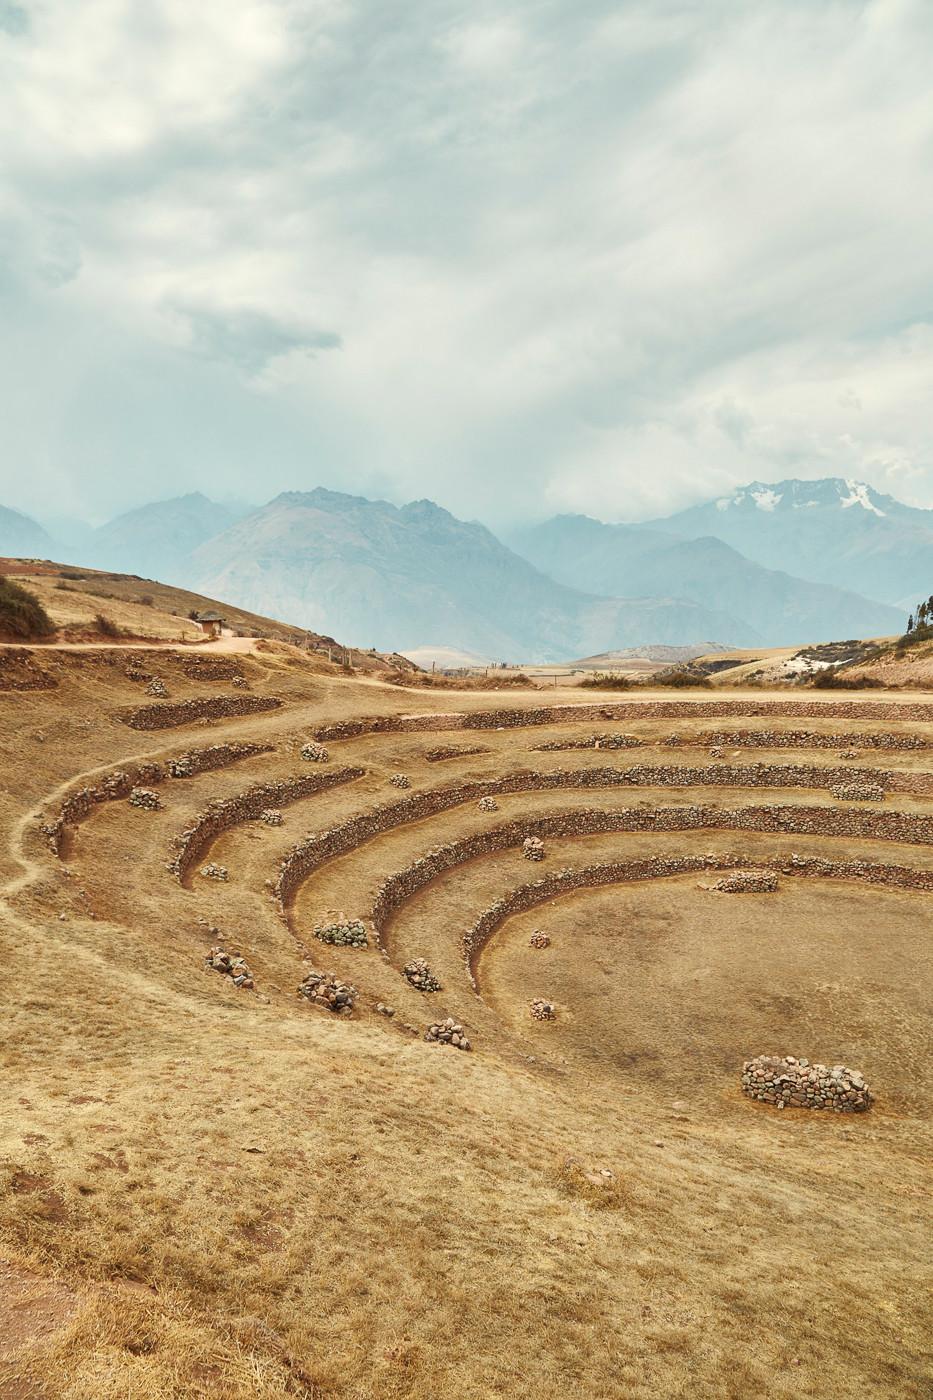 Durch die Terrassen von Moray führen mehrere verschieden lange Routen, eine Stunde sollte man sich hier auf alle Fälle Zeit nehmen. Im Hintergrund erkennt man die peruanischen Anden mit ihren höchsten Bergen